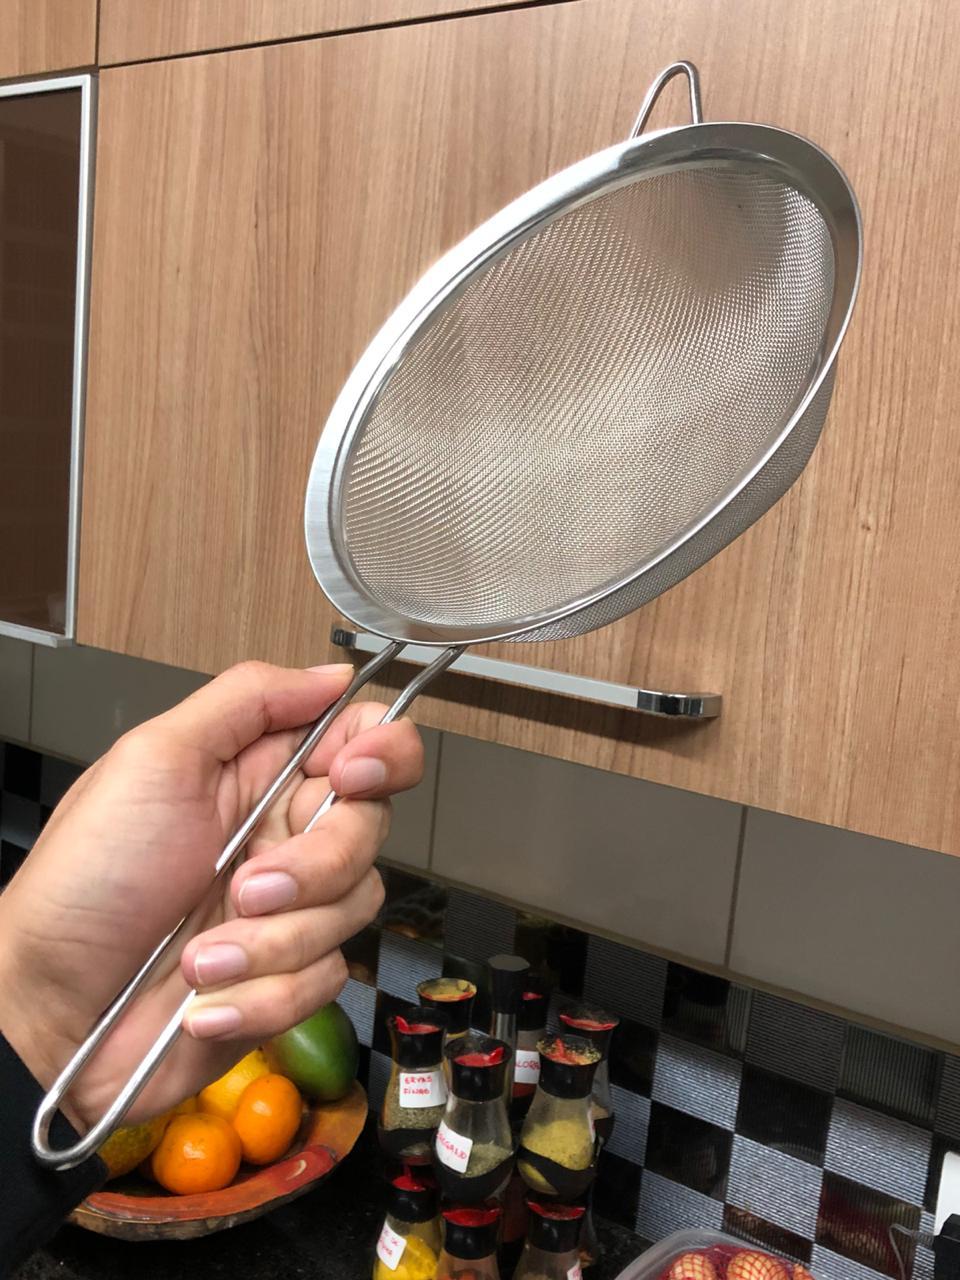 Peneira inox de cozinha coador inox grande 20cm escorrer macarrão